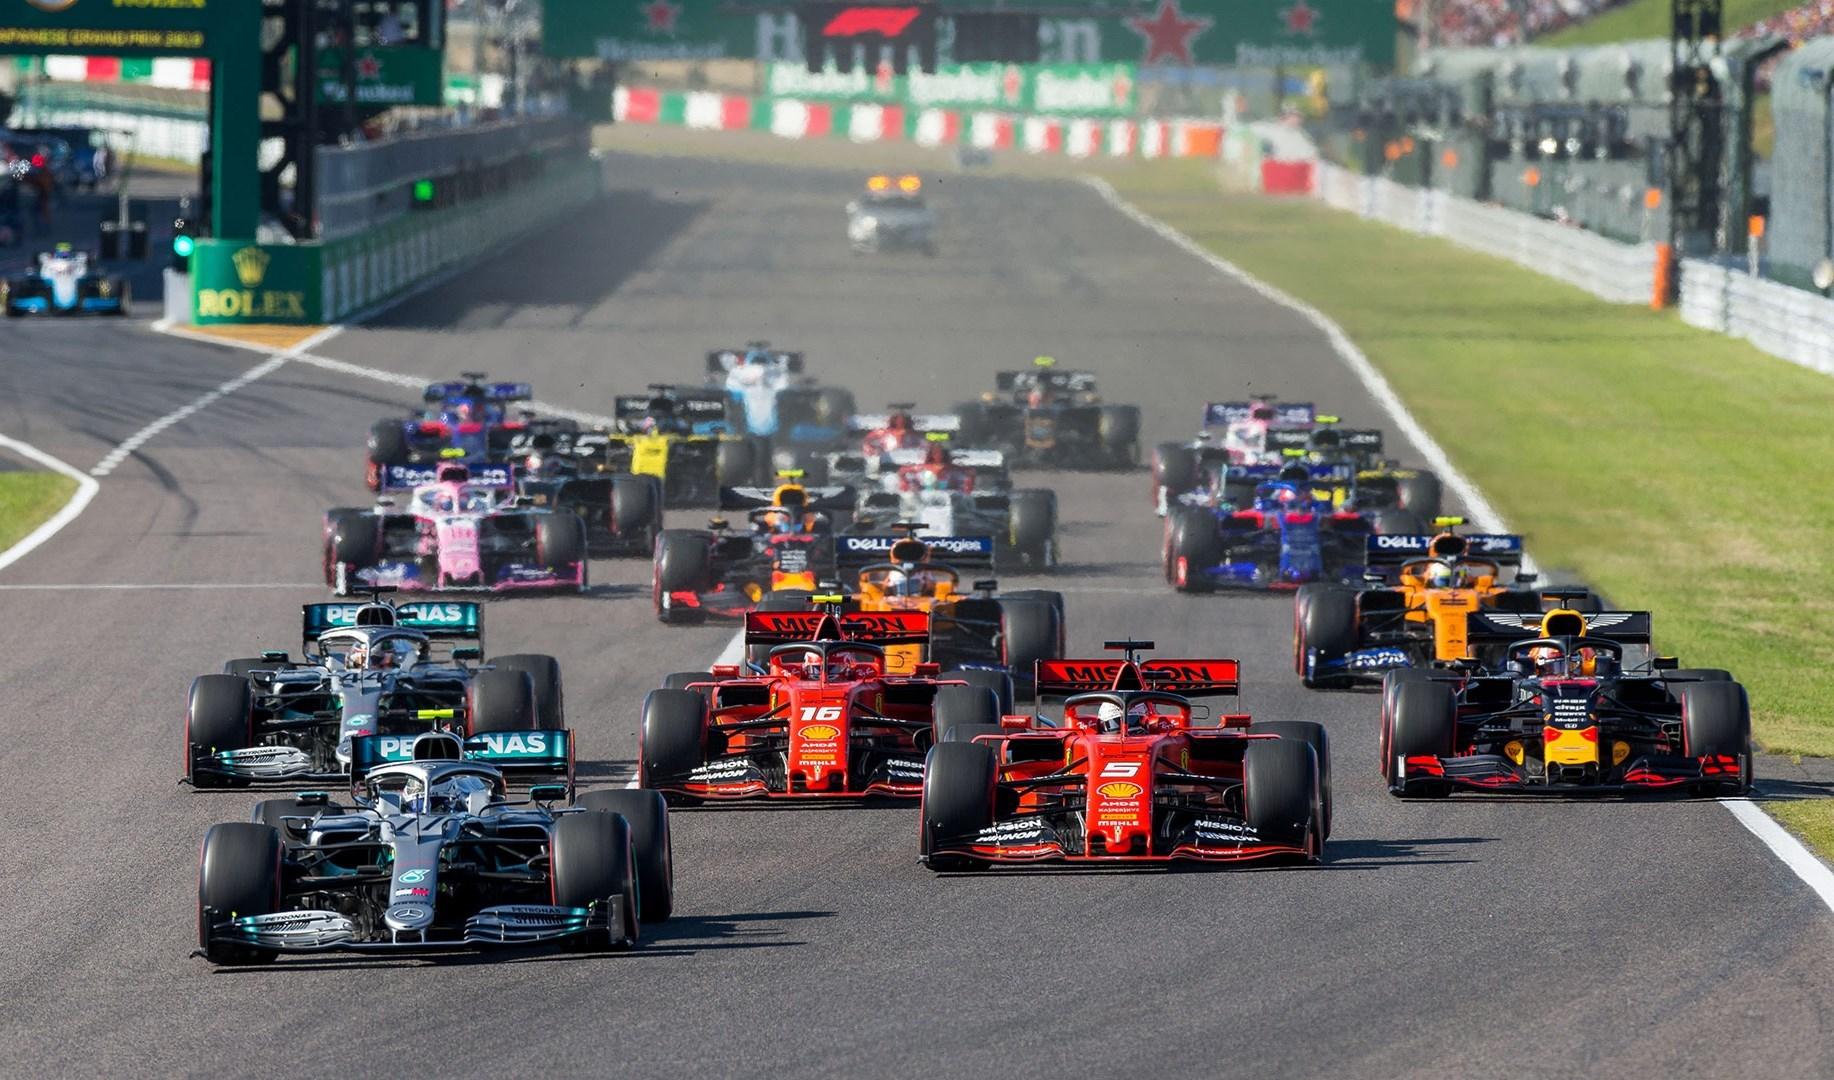 فورمولا 1: البحرين تستضيف تجارب موسم 2021